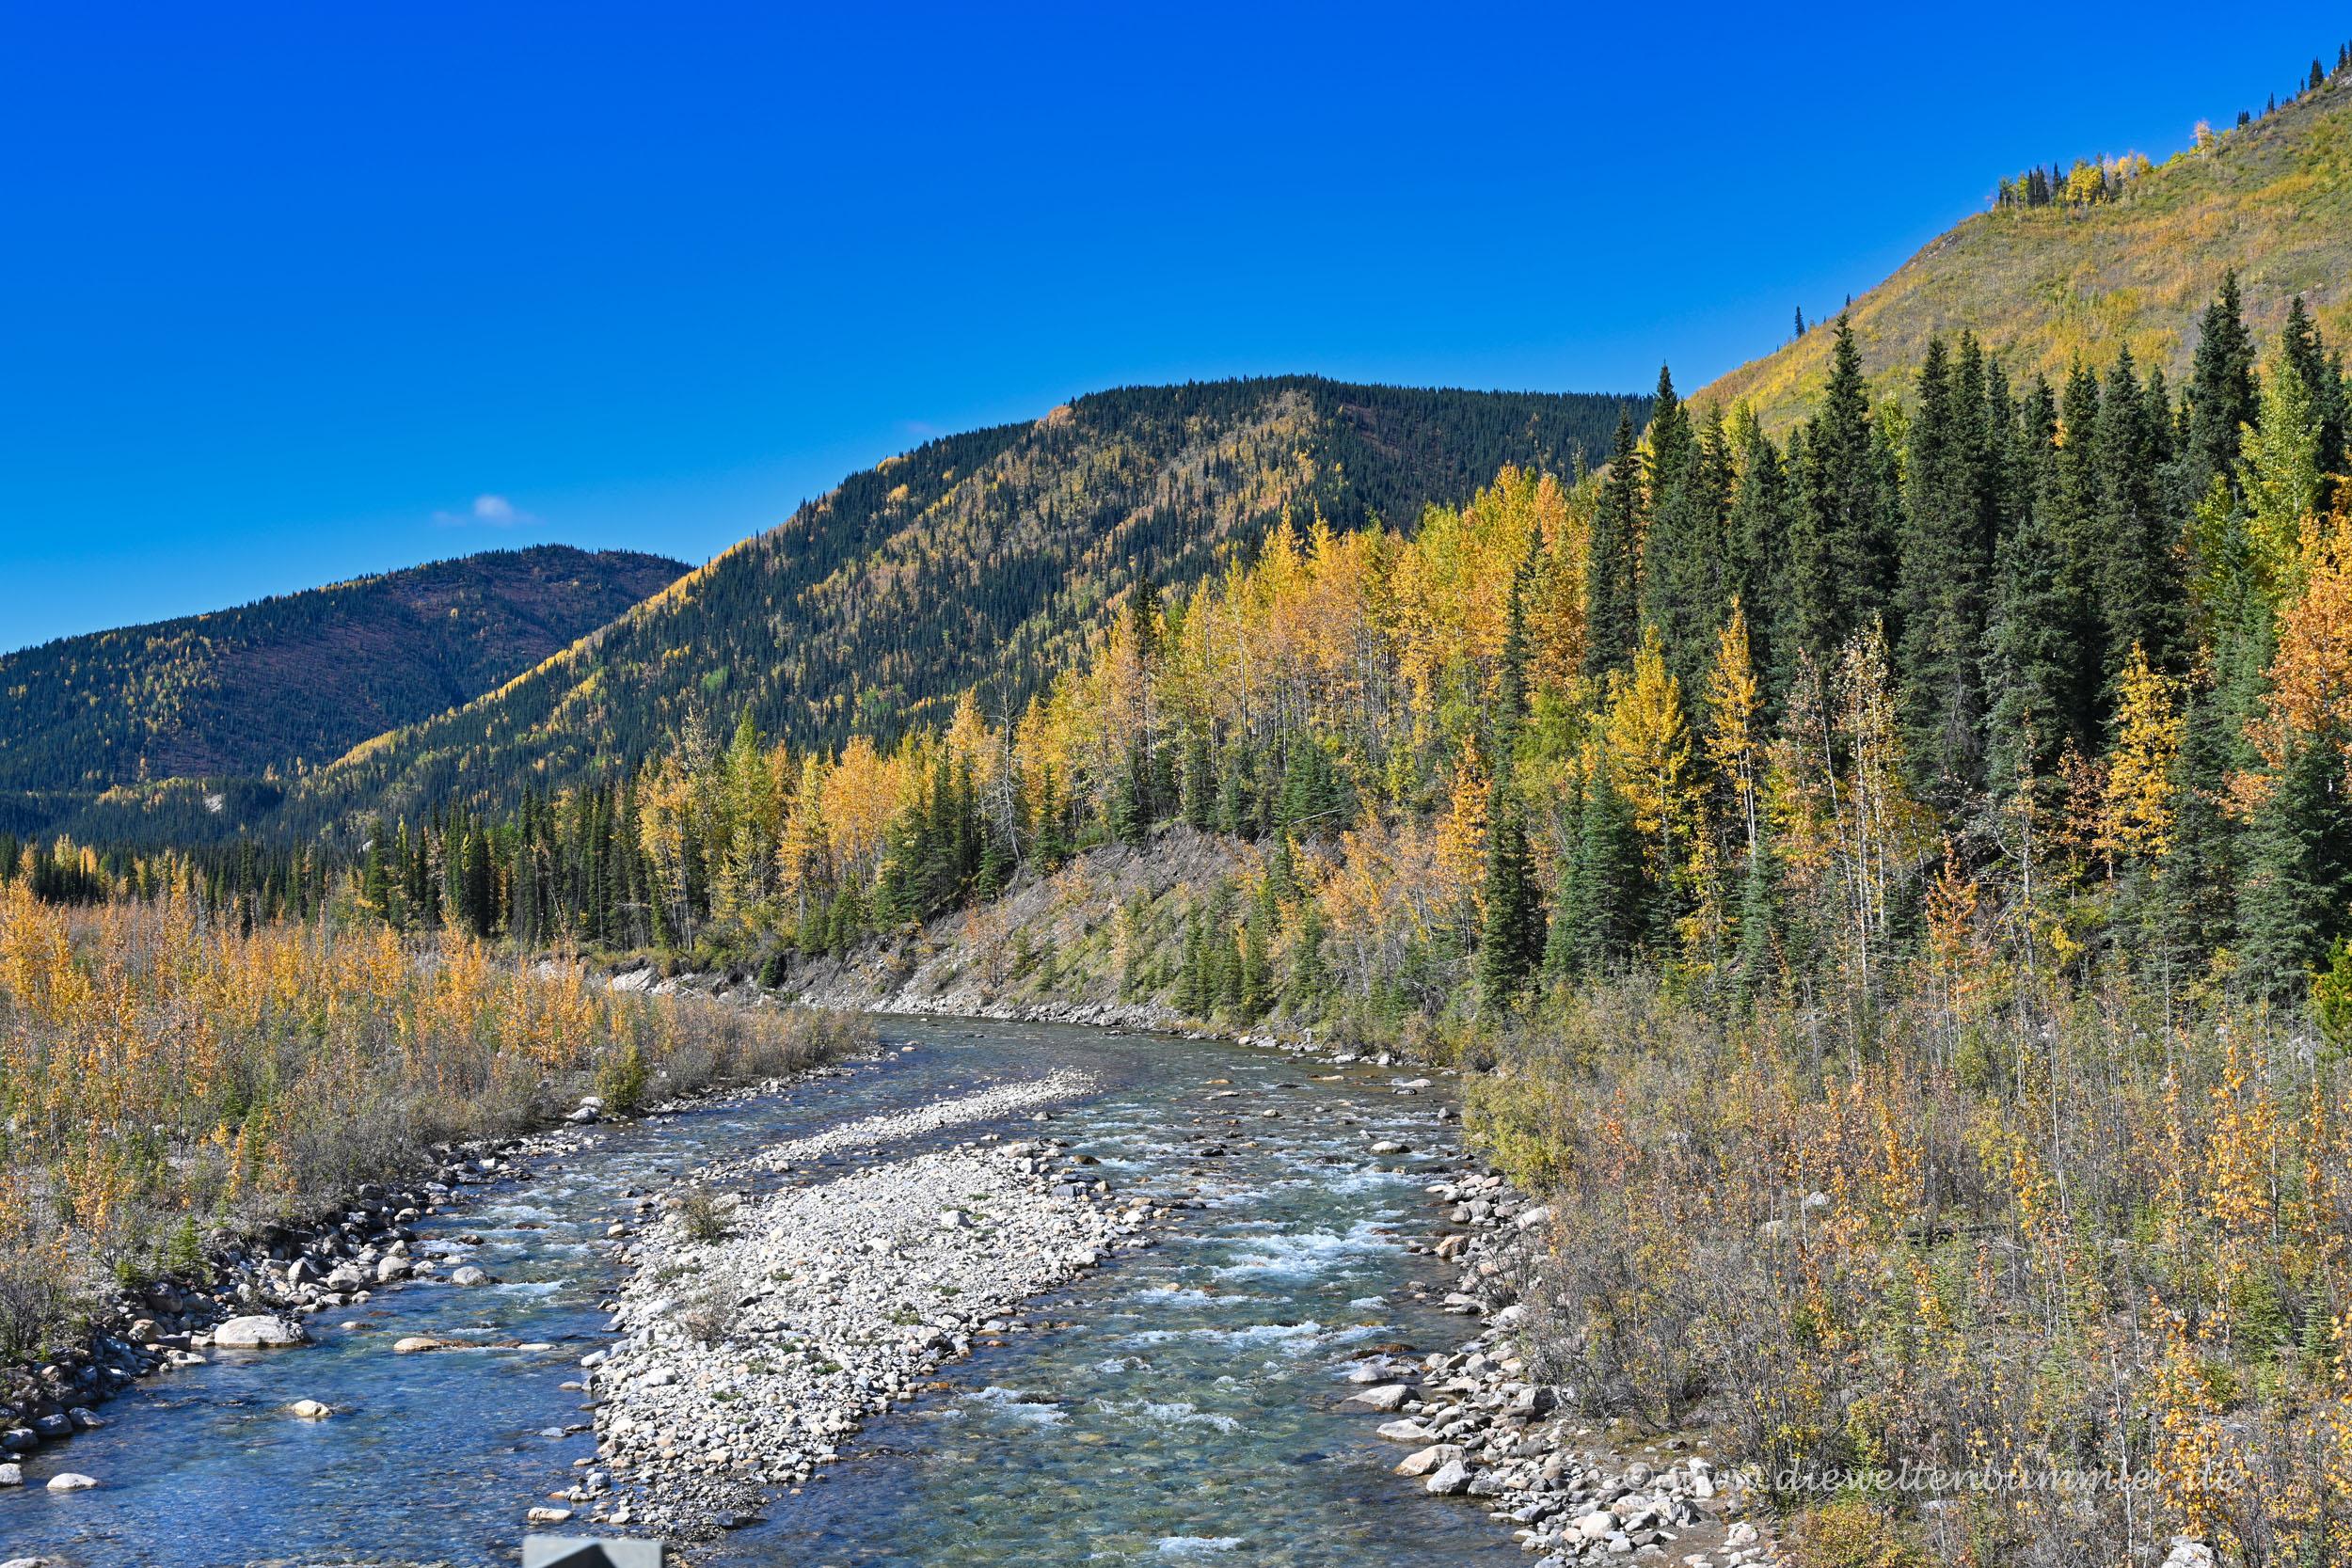 North Tetsa River